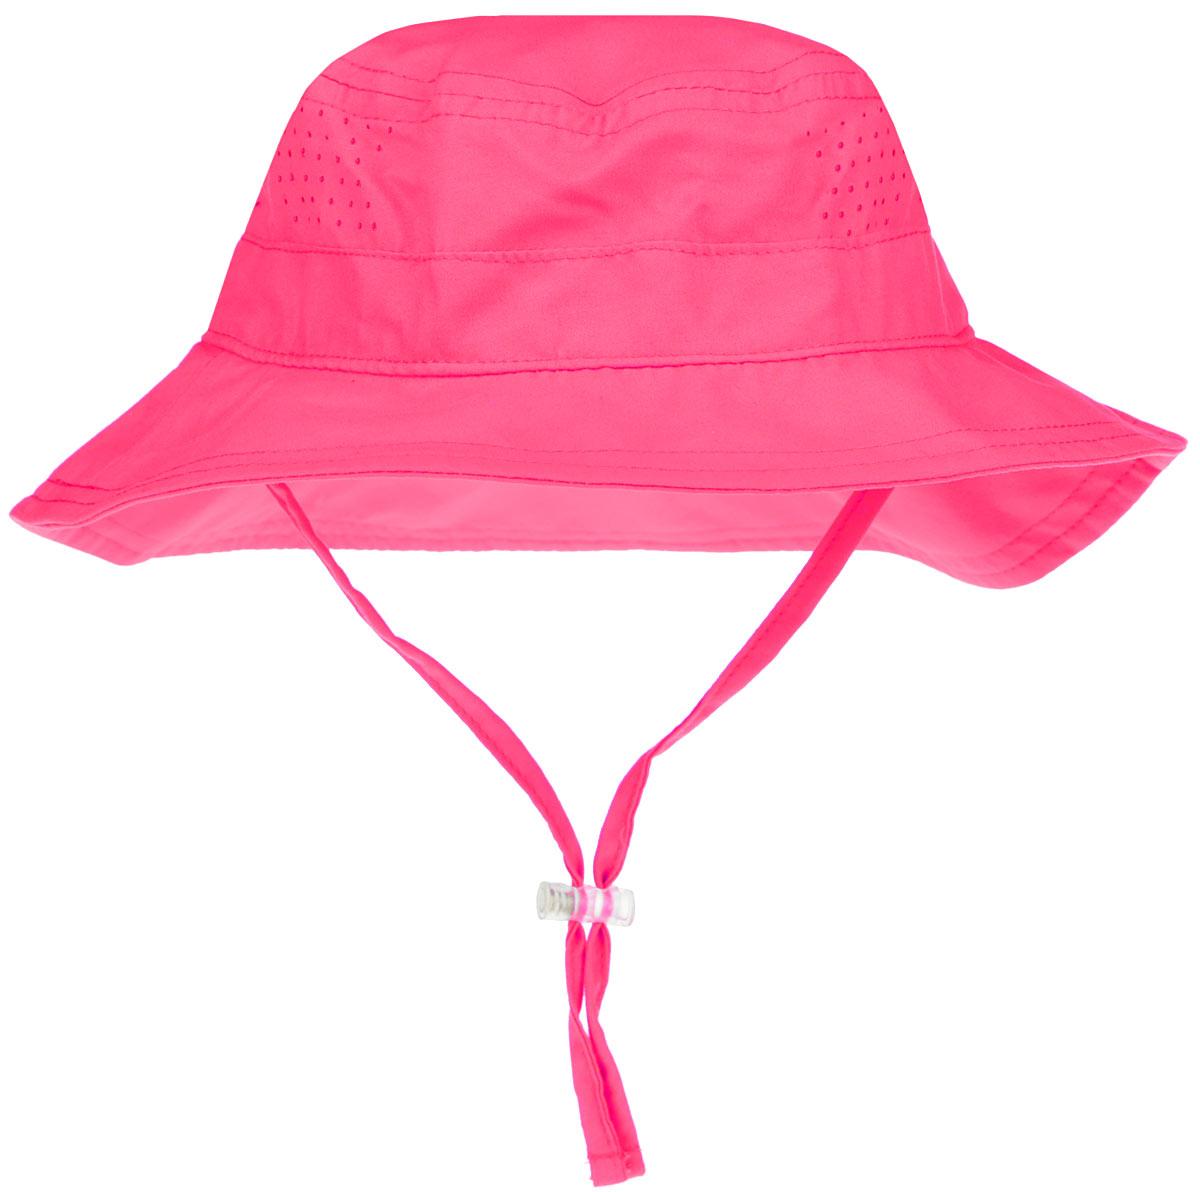 518350_0100Детская панама Reima Tropiсal идеально подойдет вашему ребенку в теплое время года. Изготовленная из 100% полиэстера, она не раздражает даже самую нежную и чувствительную кожу, позволяет ей дышать. Изделие обеспечивает эффективную защиту от вредных солнечных лучей благодаря УФ-фильтру 50+. Модель с широкими полями дополнена специальными прорезями для вентиляции и дополнена завязками на стоппере. Такая панама надежно защитит голову ребенка от перегревания, а глаза от попадания прямого солнечного света.